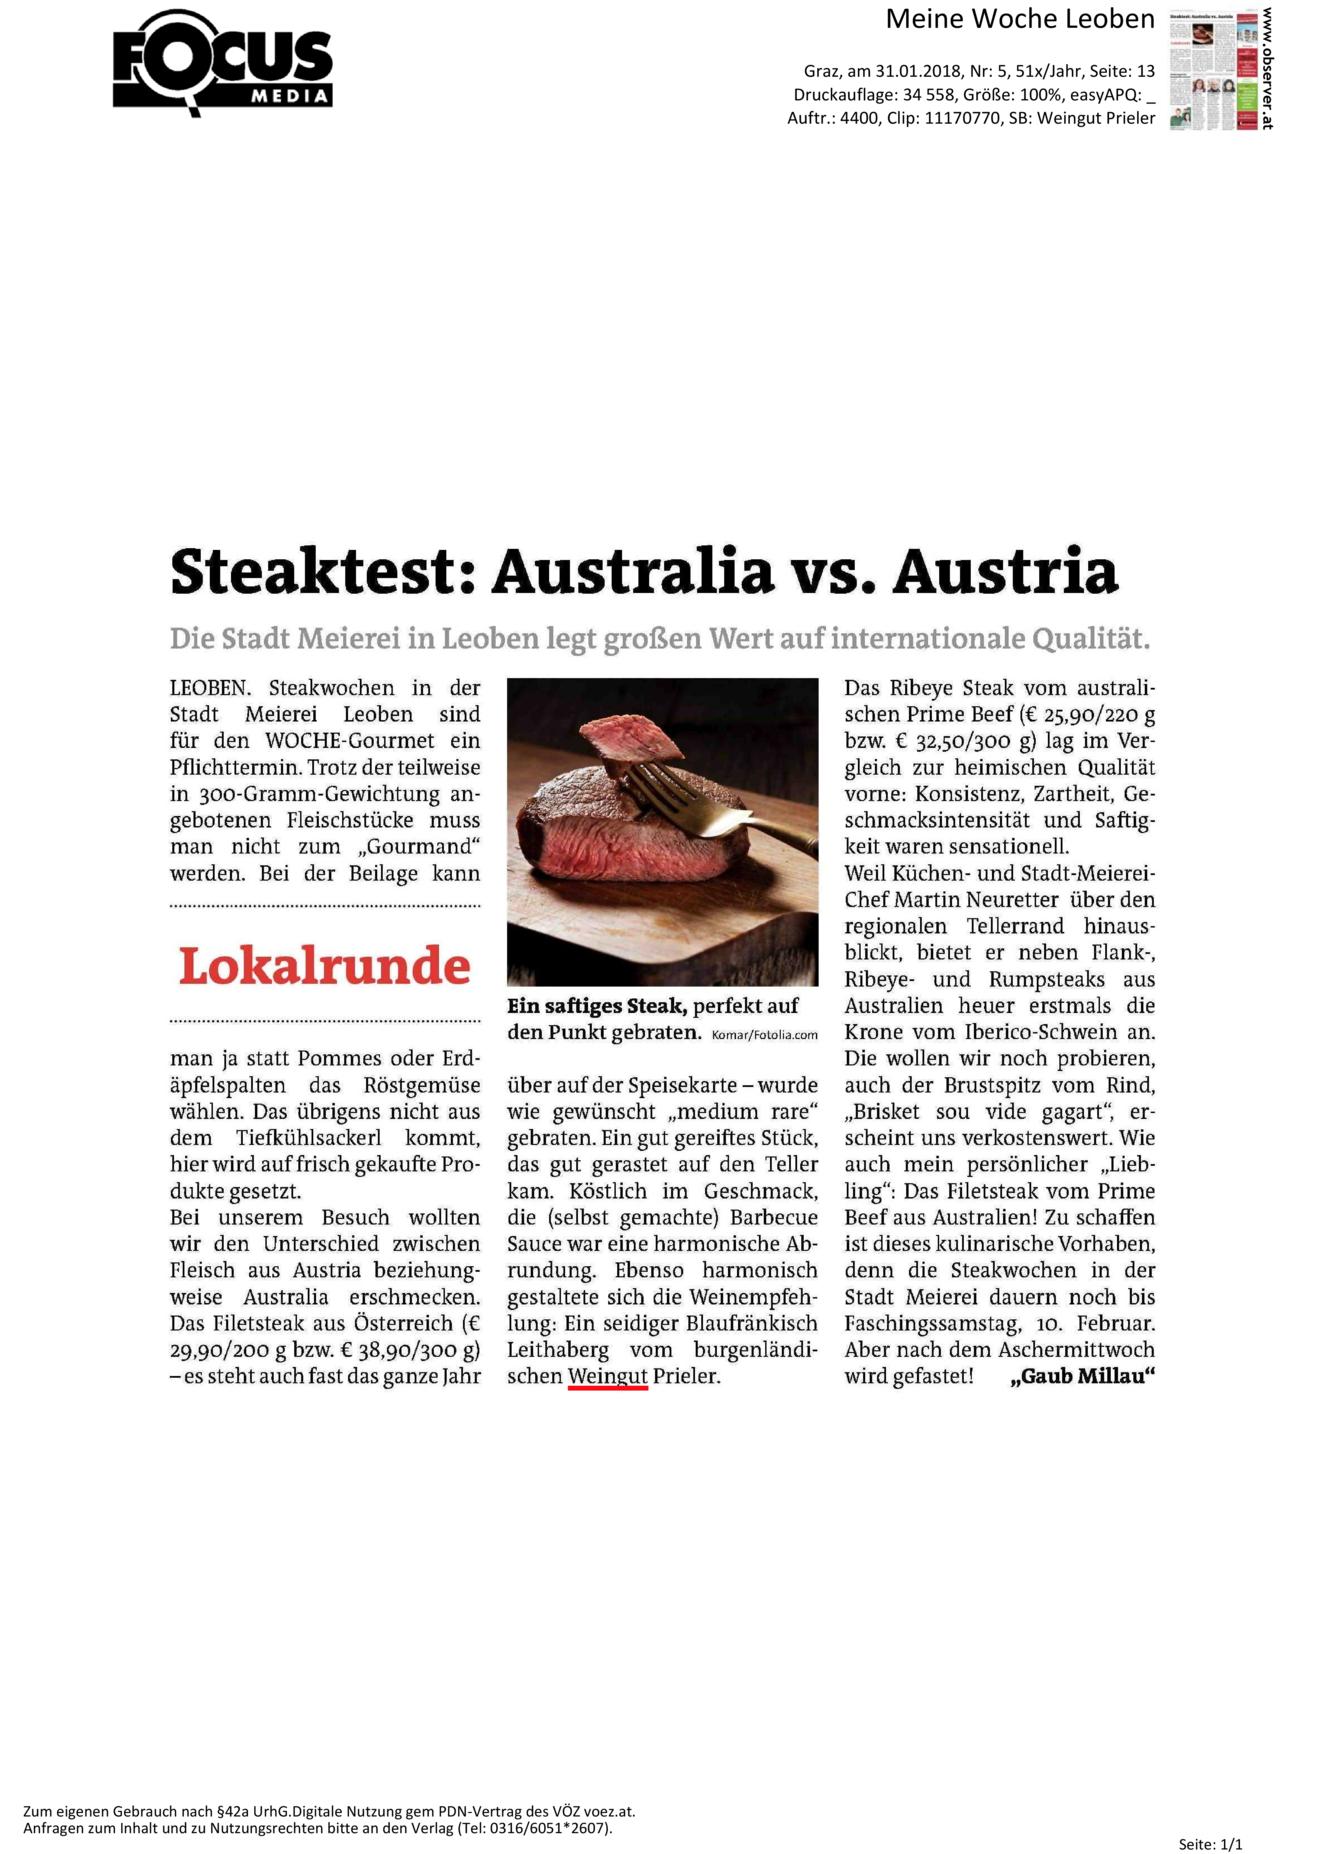 Steaktest: Australia vs. Austria